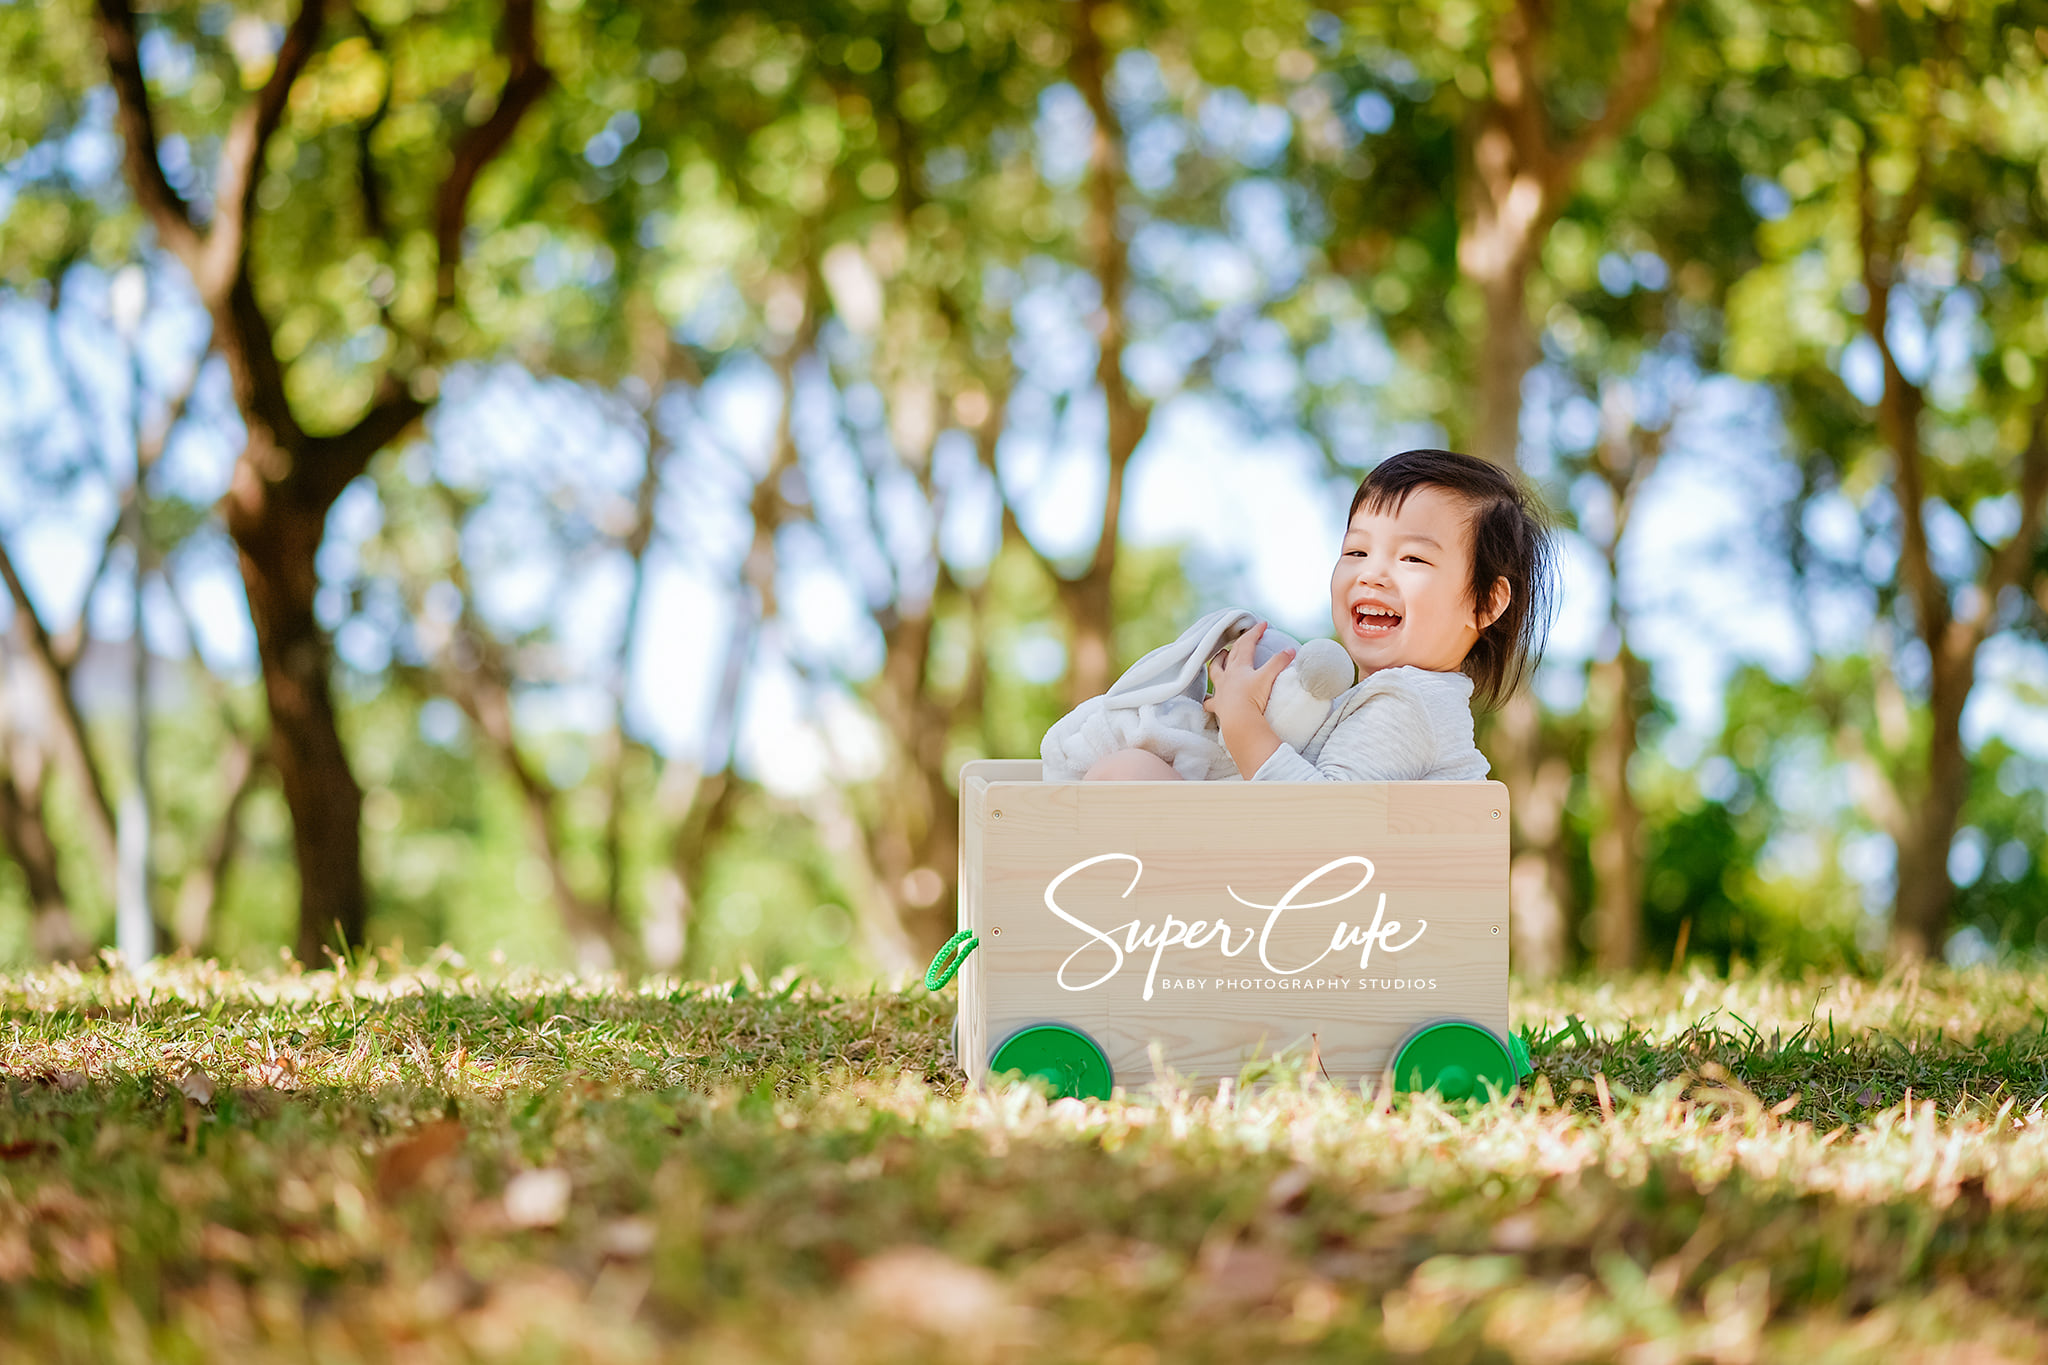 寶寶寫真,寶寶拍照,寶寶攝影,兒童攝影,兒童寫真,親子寫真,親子攝影,寶寶照,寶寶攝影推薦,兒童寫真推薦,寶寶寫真價格,兒童寫真價格,兒童攝影師,全家福,寶寶,兒童,台北攝影,攝影,活動攝影,台北兒童寫真,寶寶照,自然風格,親情,baby,child,photo,phototherapy,supercute,sweetie,cute,野餐,野餐外拍,小帳棚,野餐風,戶外野餐拍攝